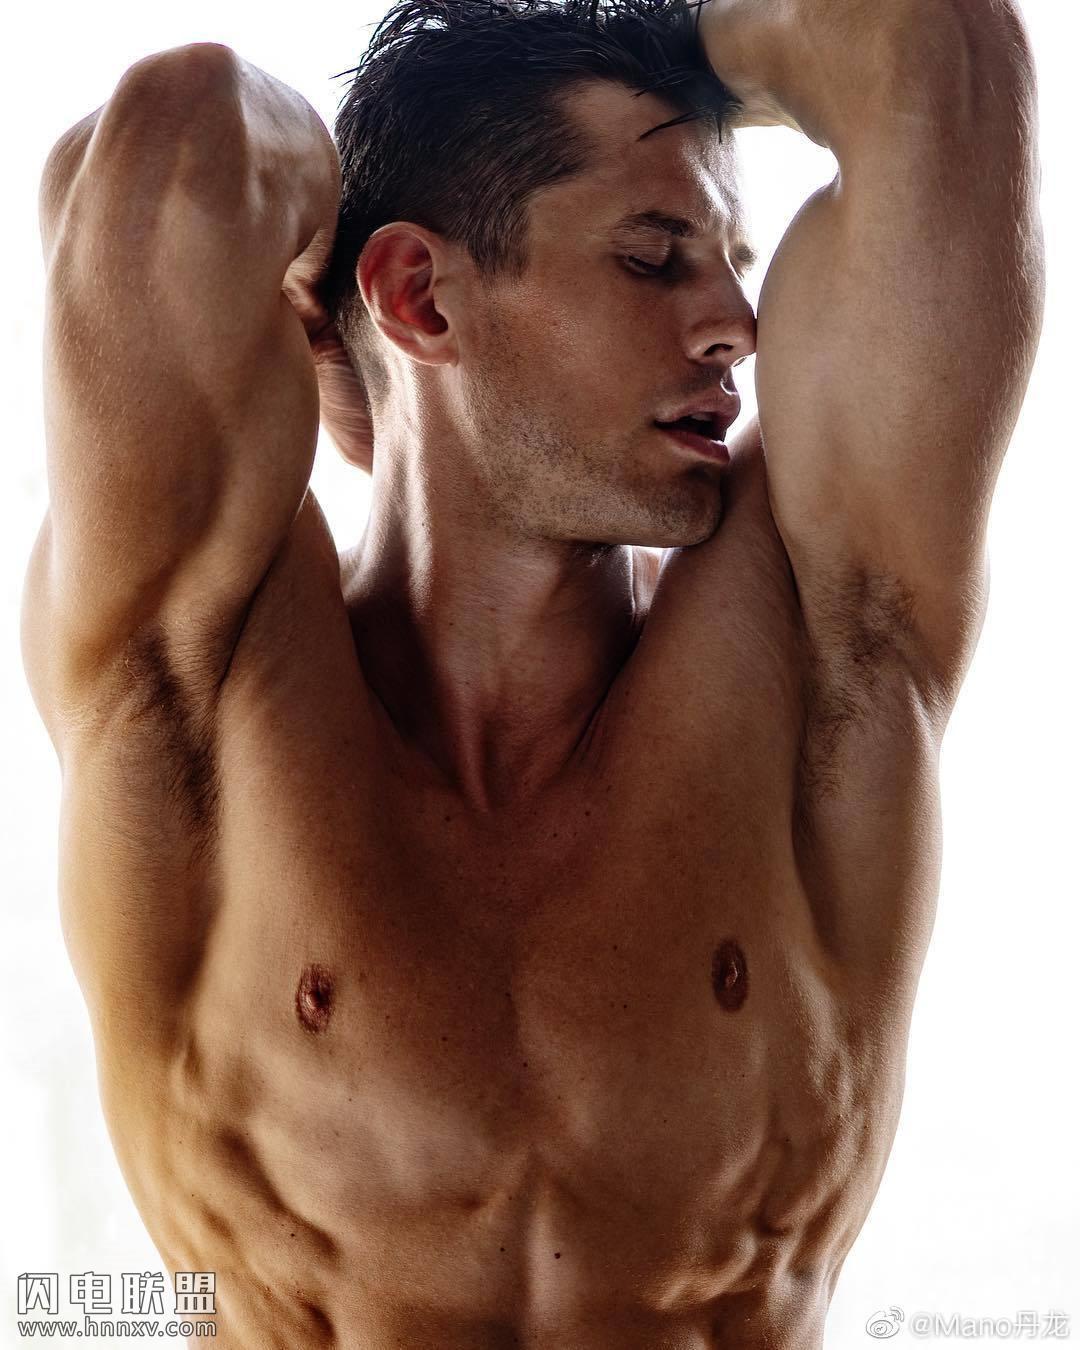 欧美高颜值性感肌肉帅哥图片第4张